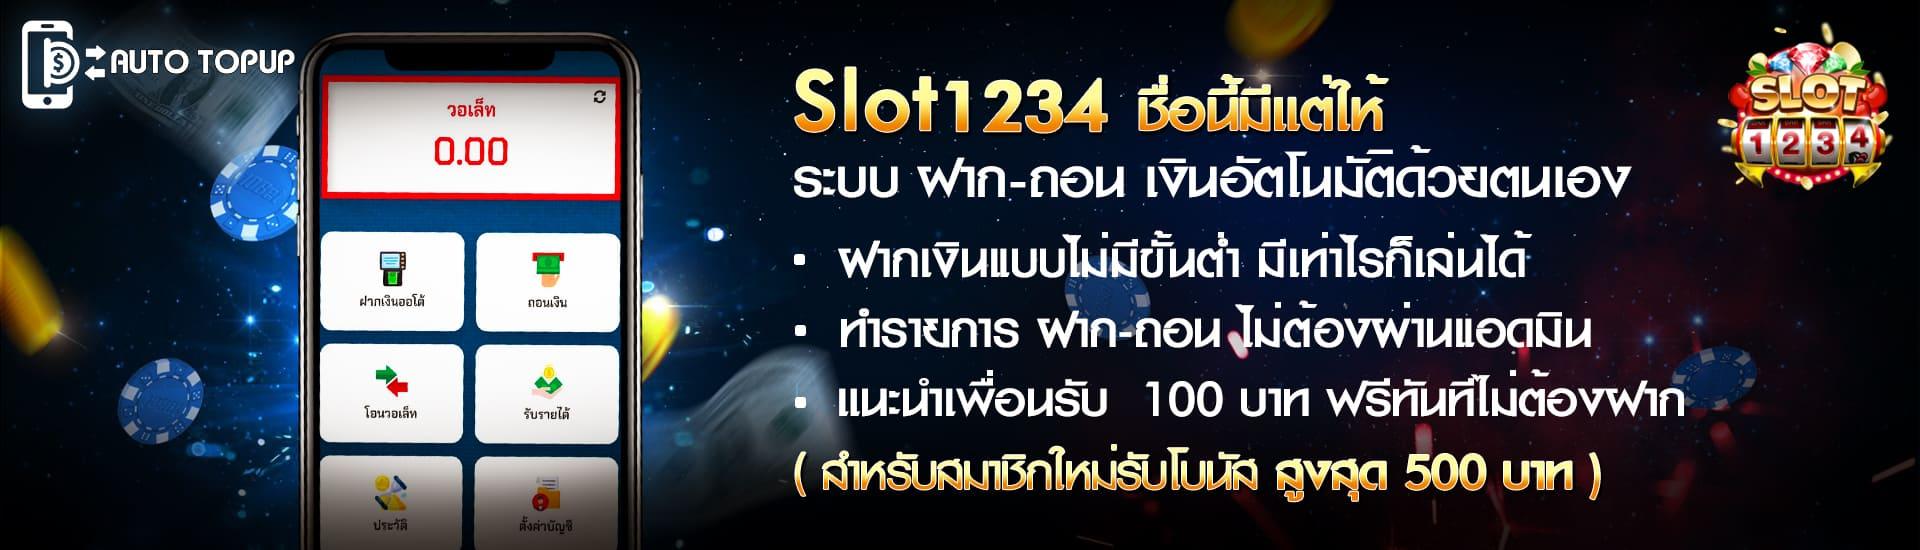 slot1234 เครดิตฟรี